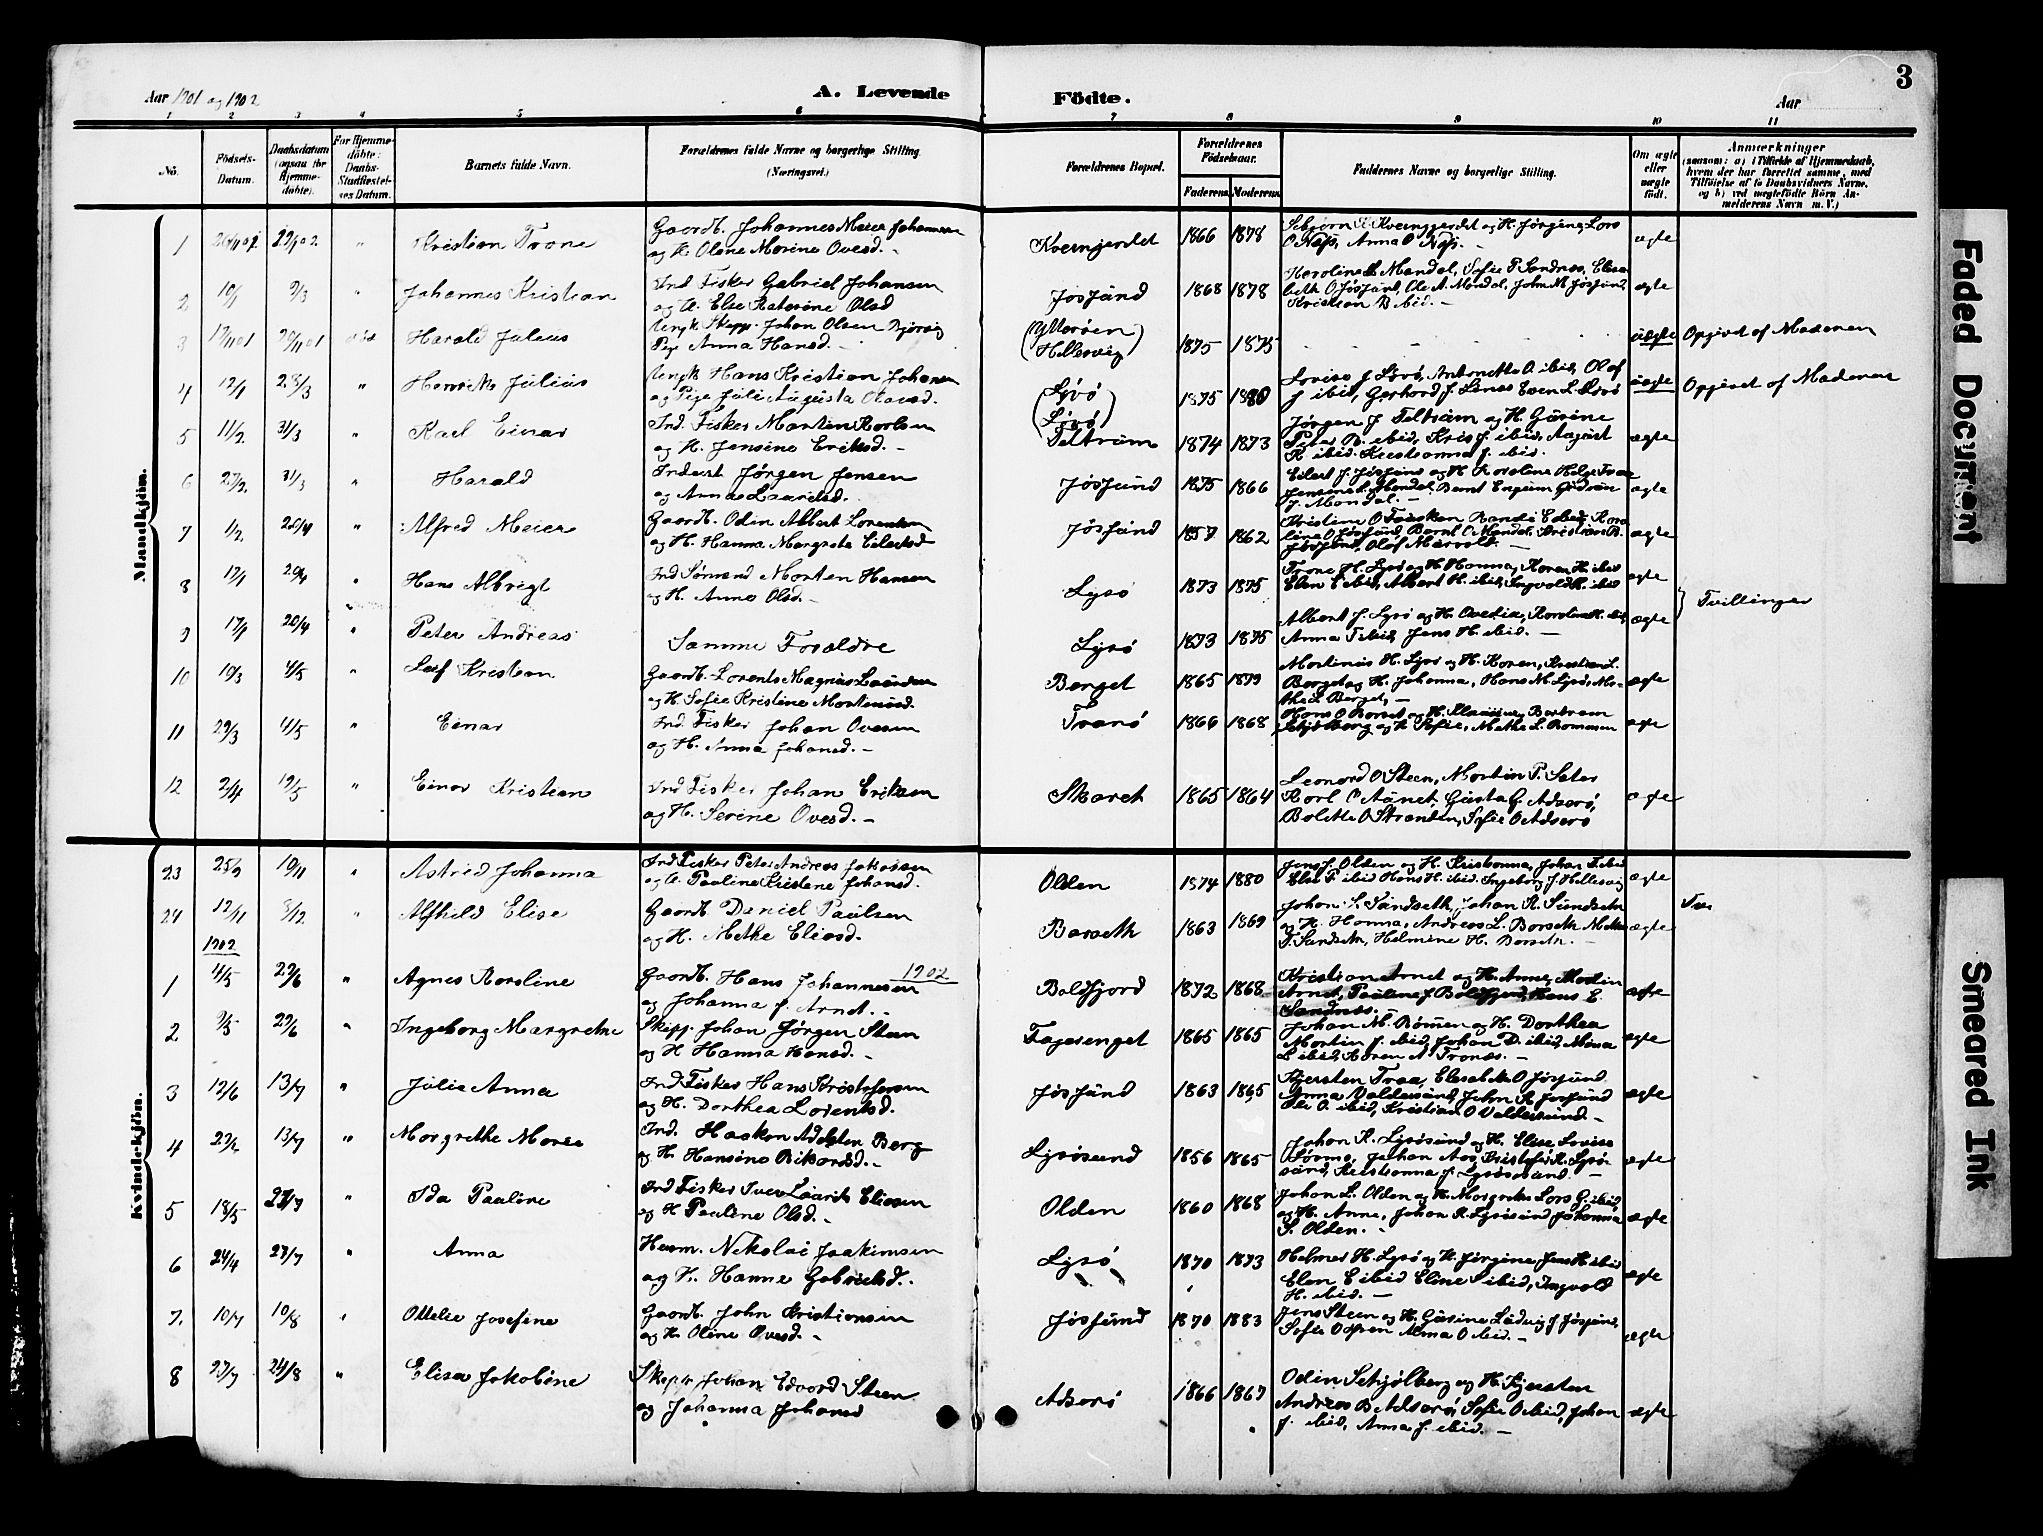 SAT, Ministerialprotokoller, klokkerbøker og fødselsregistre - Sør-Trøndelag, 654/L0666: Klokkerbok nr. 654C02, 1901-1925, s. 3